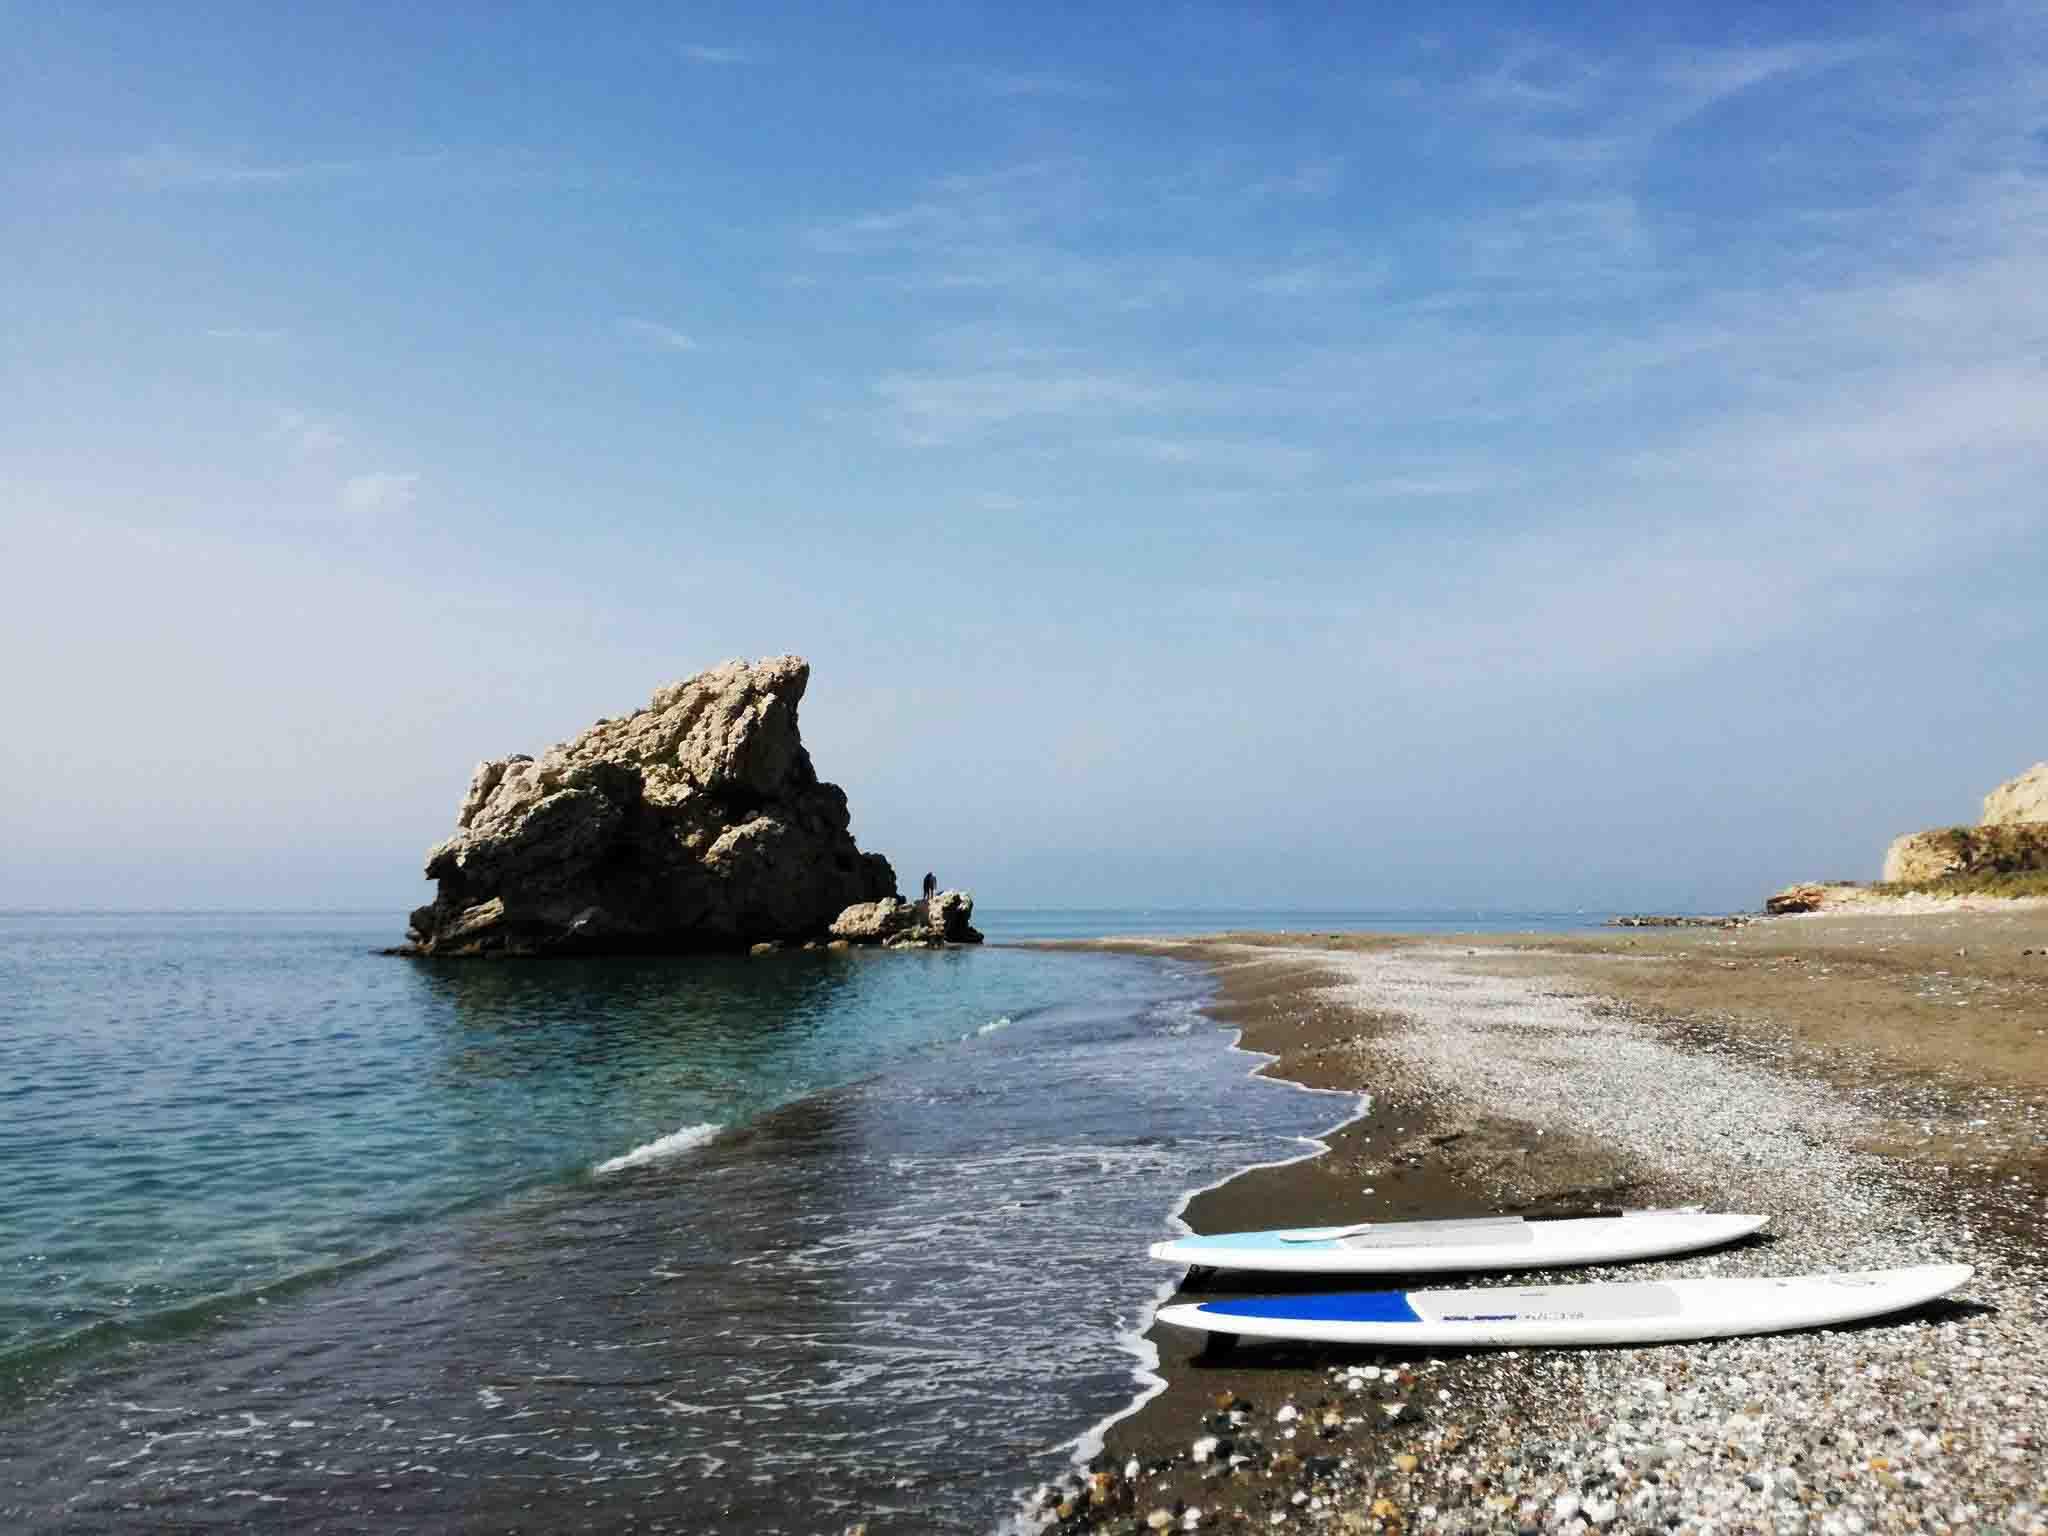 Dos tablas de Paddle Surf en la orilla en Peñon del Cuervo, Malaga.